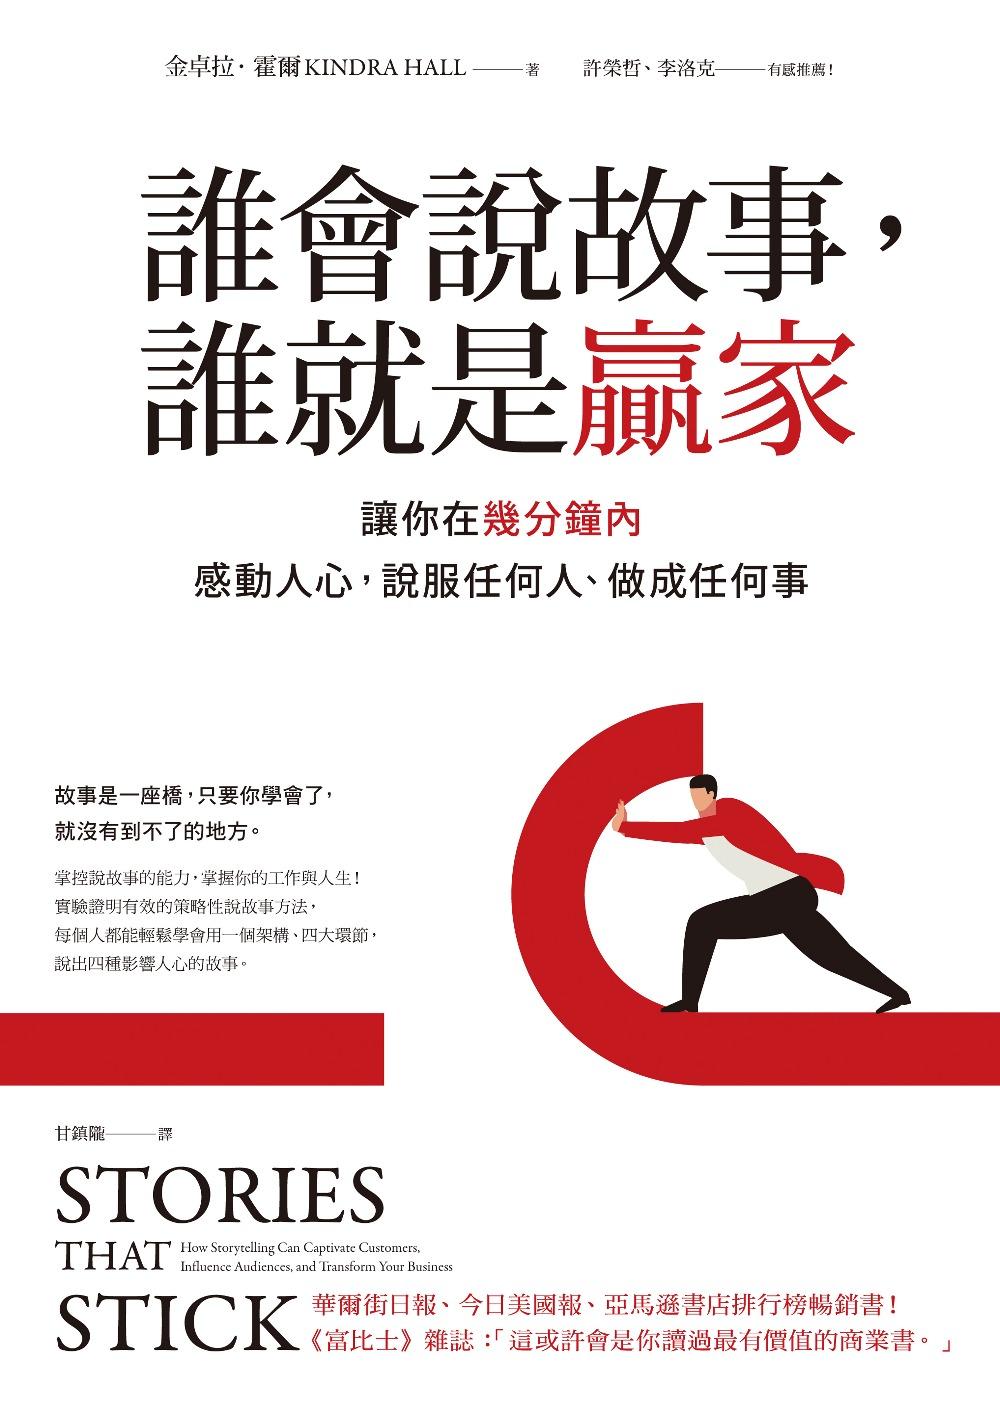 誰會說故事,誰就是贏家:讓你在幾分鐘內感動人心,說服任何人、做成任何事 (電子書)